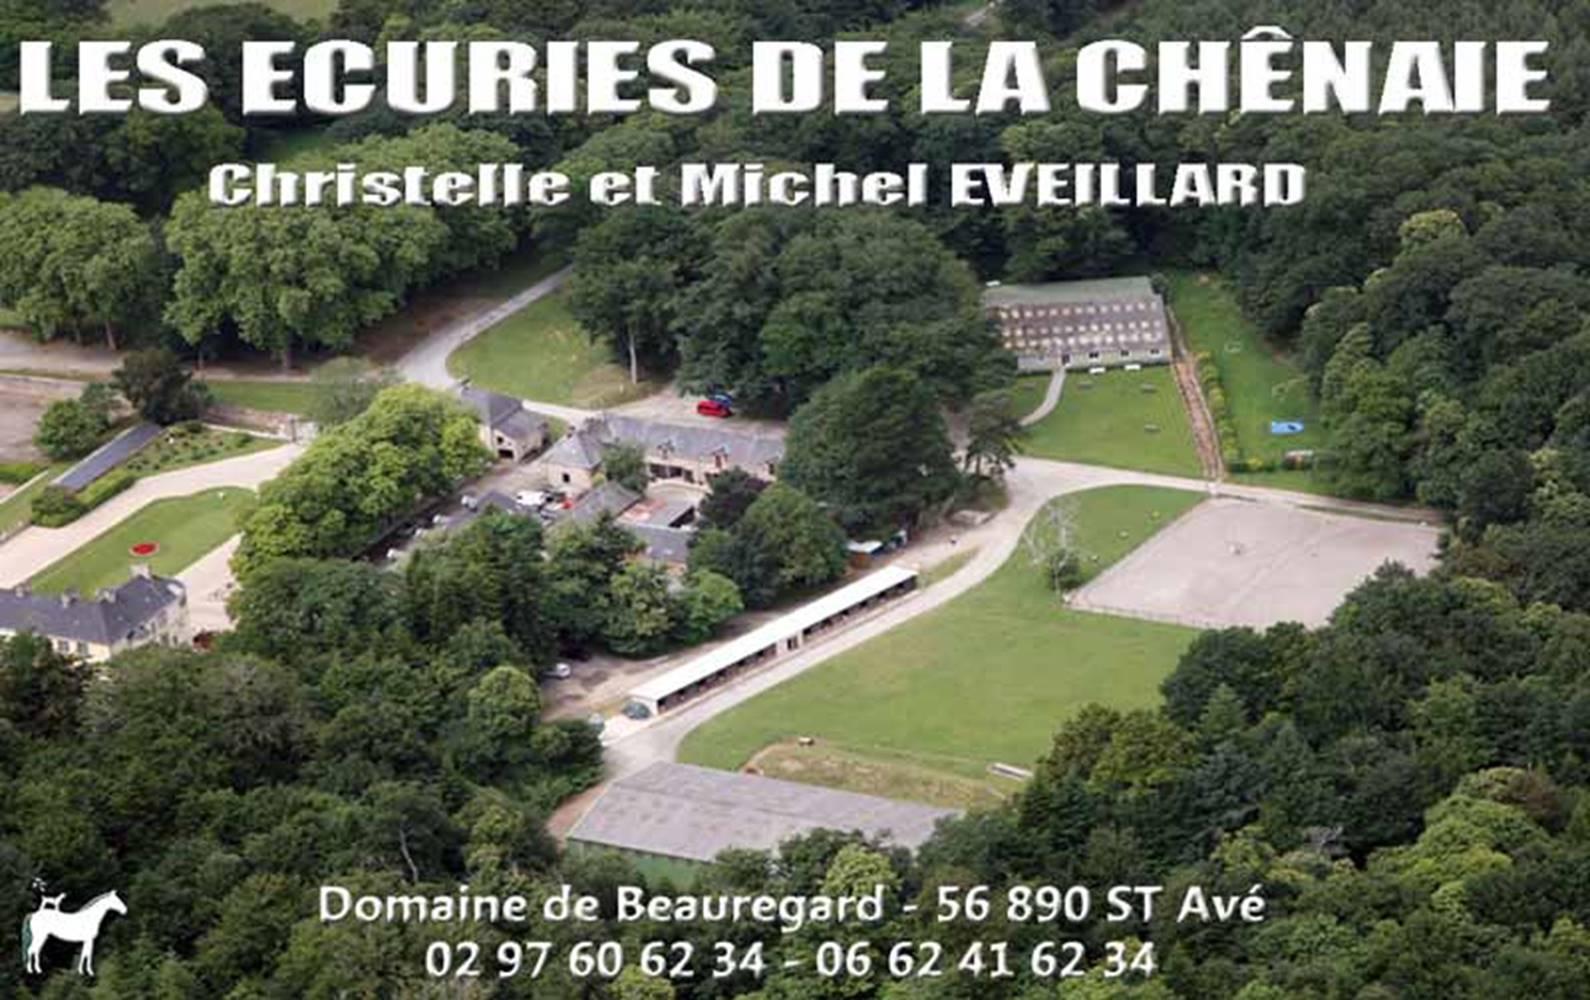 Centre équestre Les Ecuries de la Chênaie-stave-morbihan-bretagne-sud ©